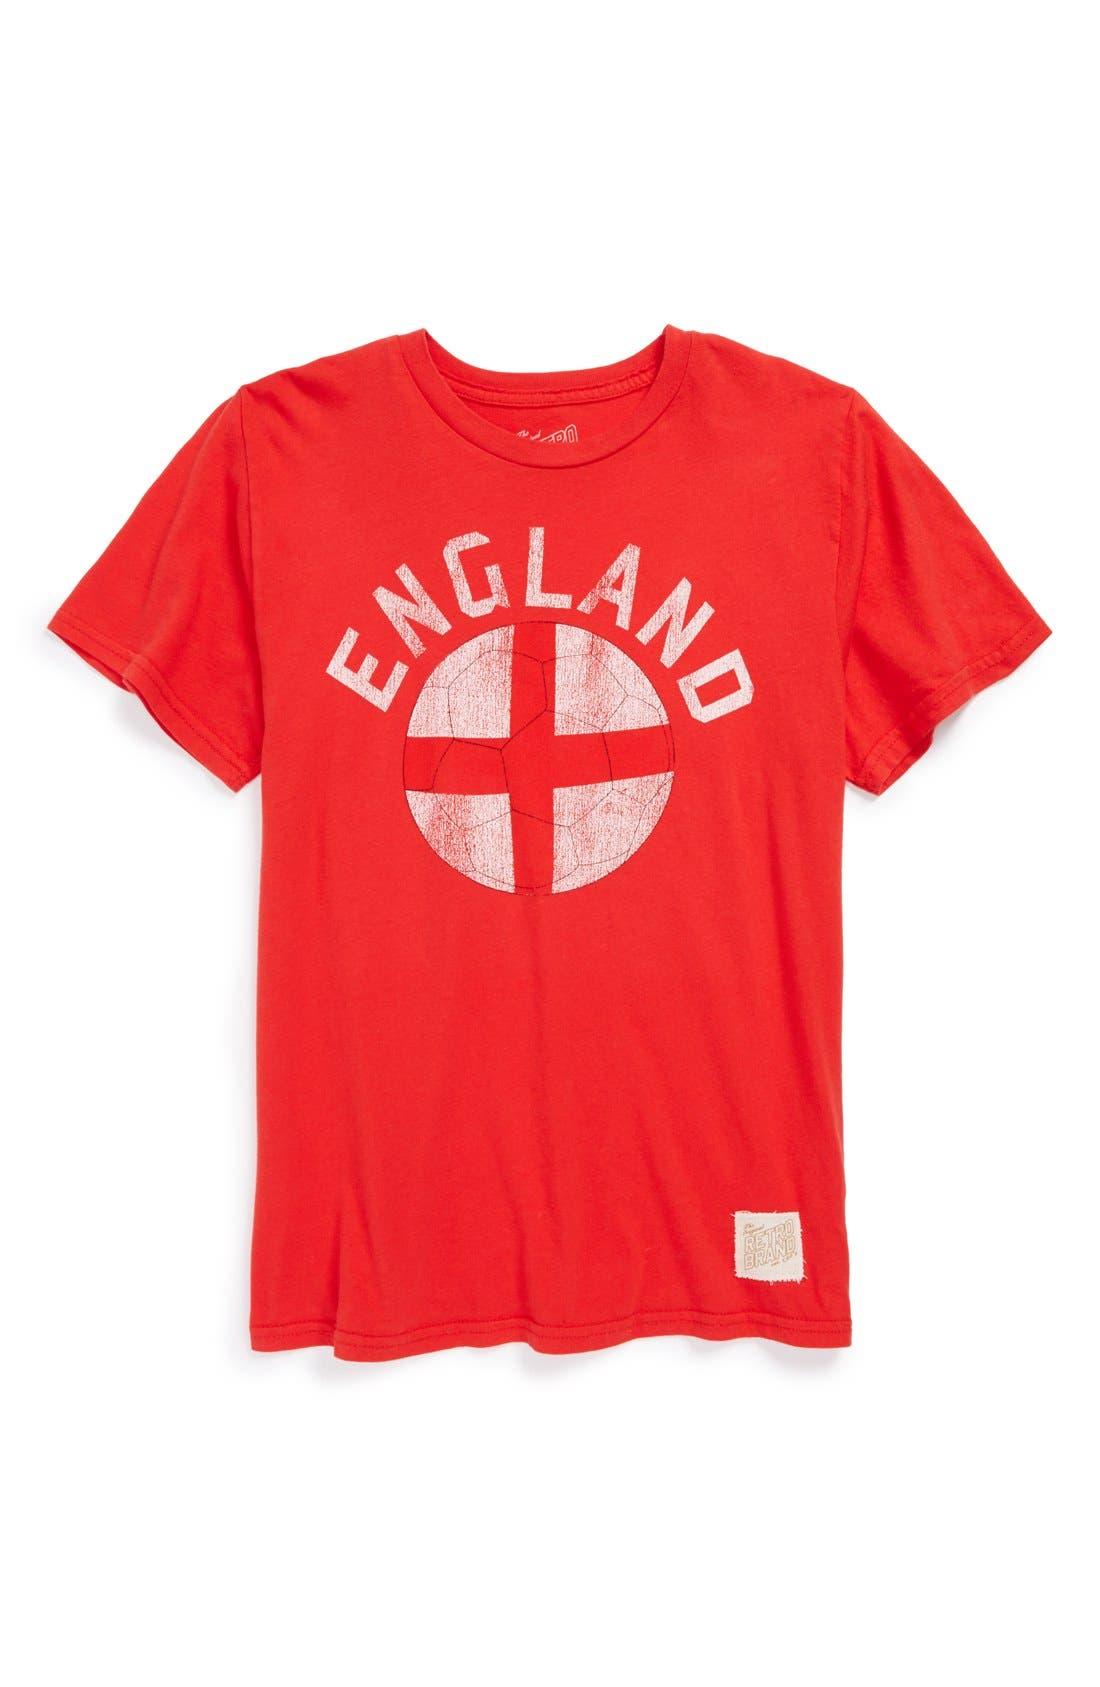 Main Image - Retro Brand 'England Soccer' Graphic T-Shirt (Big Boys)